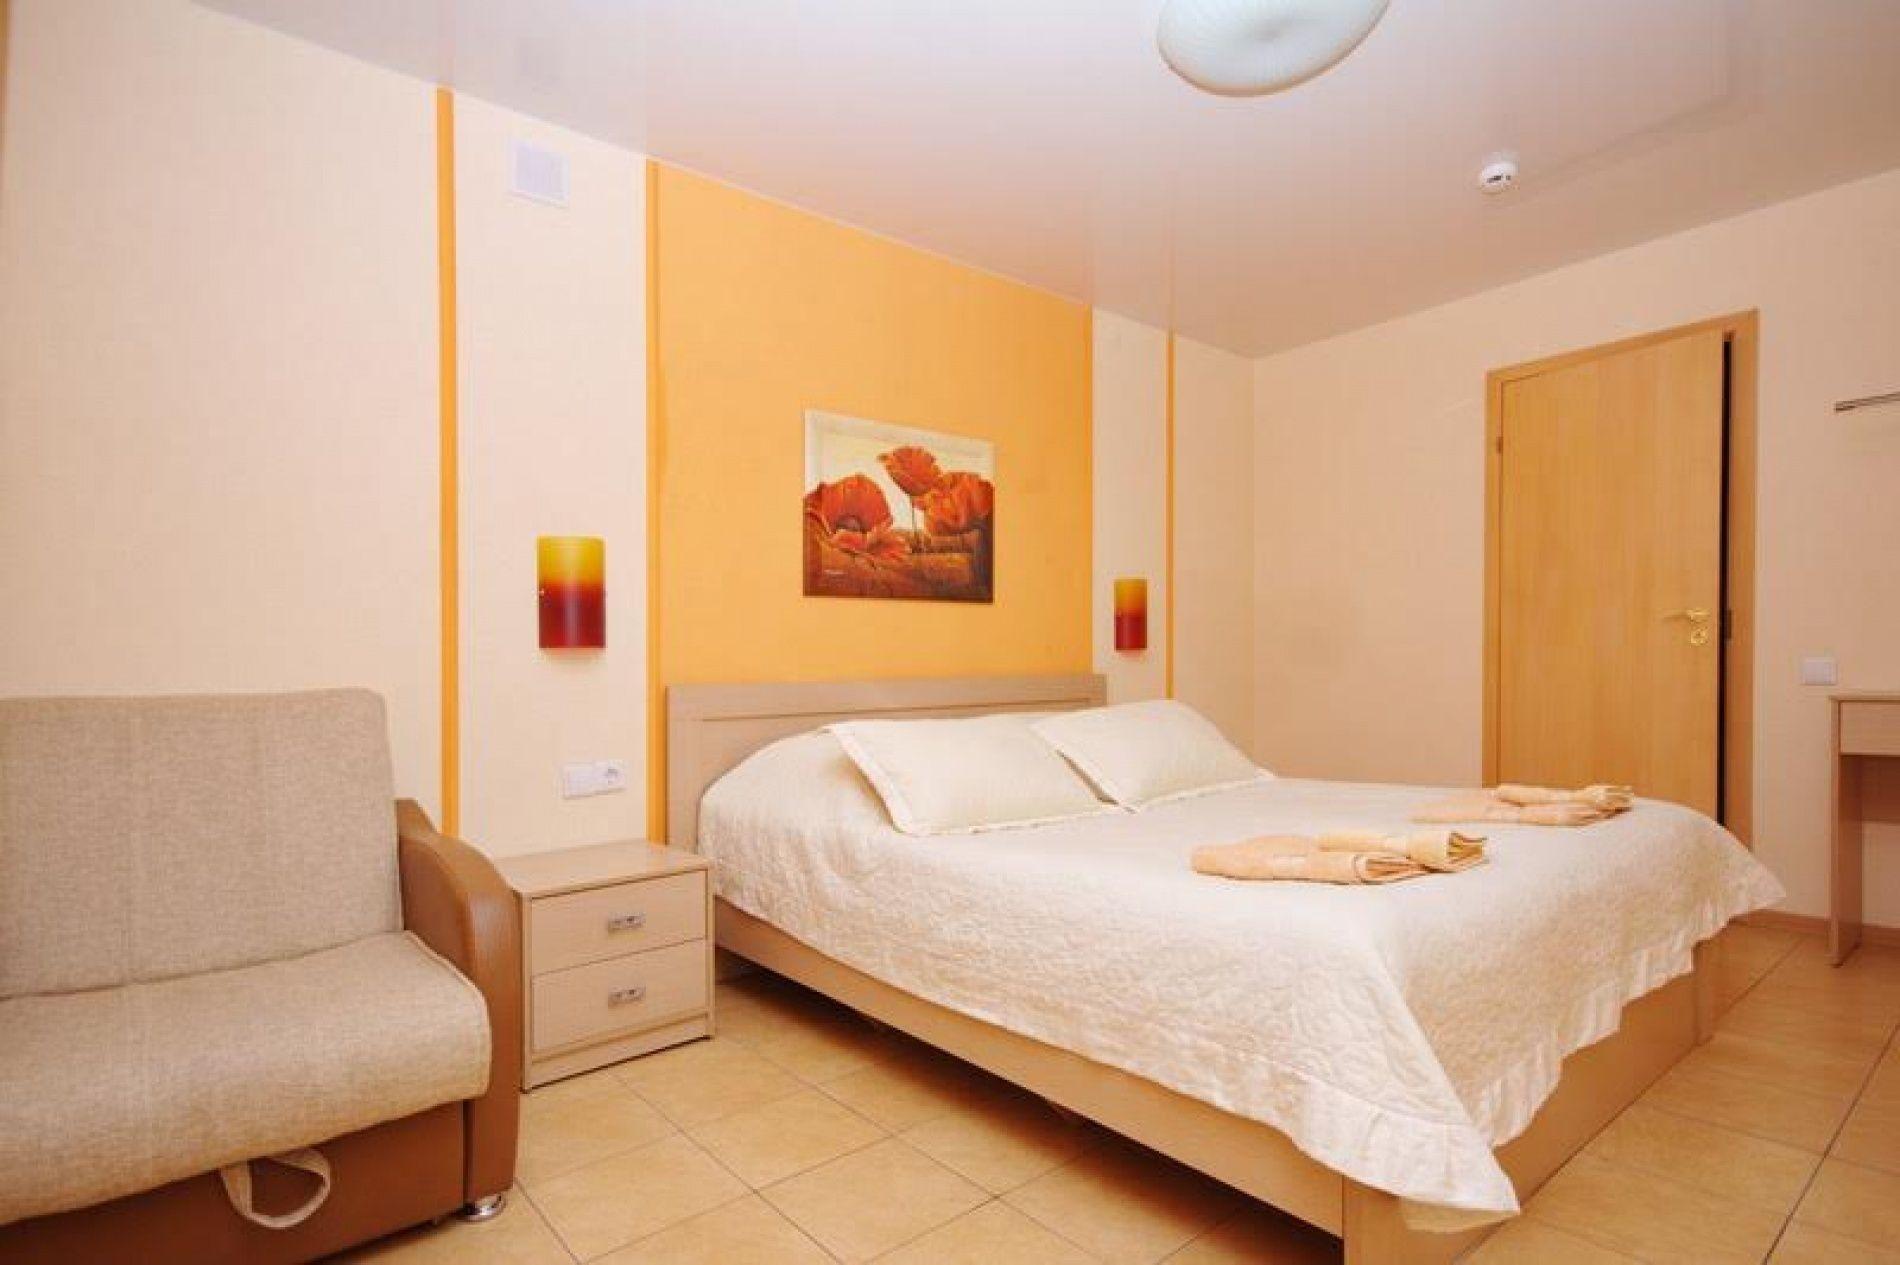 База отдыха «Уютная» Ульяновская область 2-х местный номер с креслом, фото 2